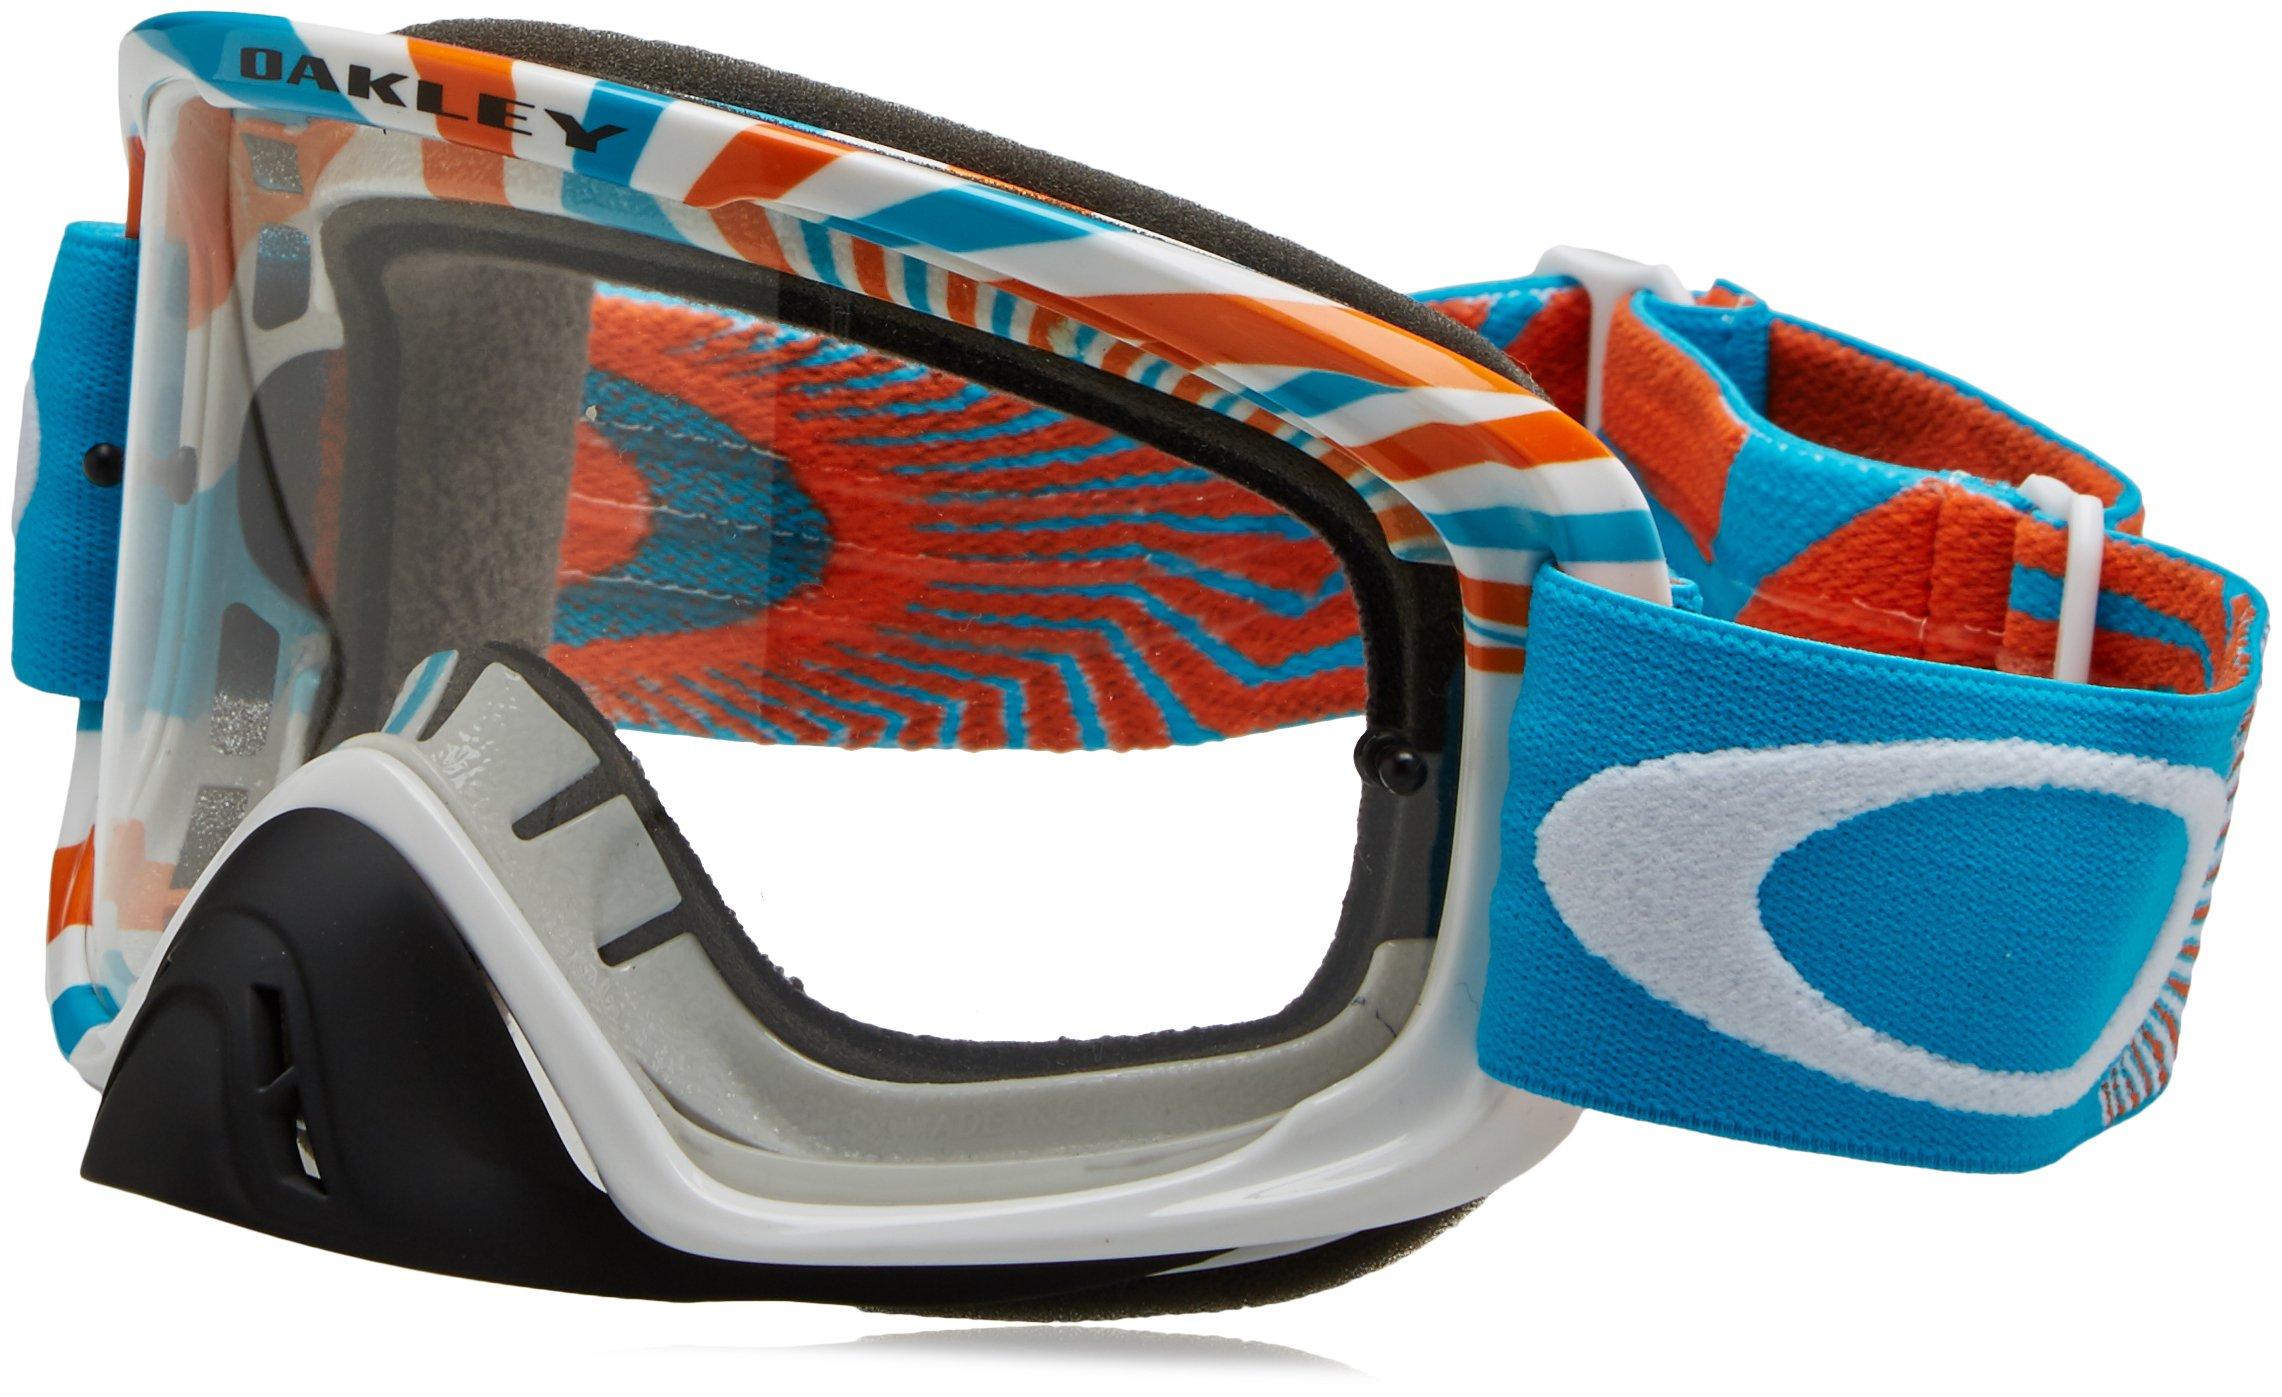 ebbc273d21 Oakley O2 MX Men s Goggles - DirtRider   MX   Off-Road Gear Reviews ...